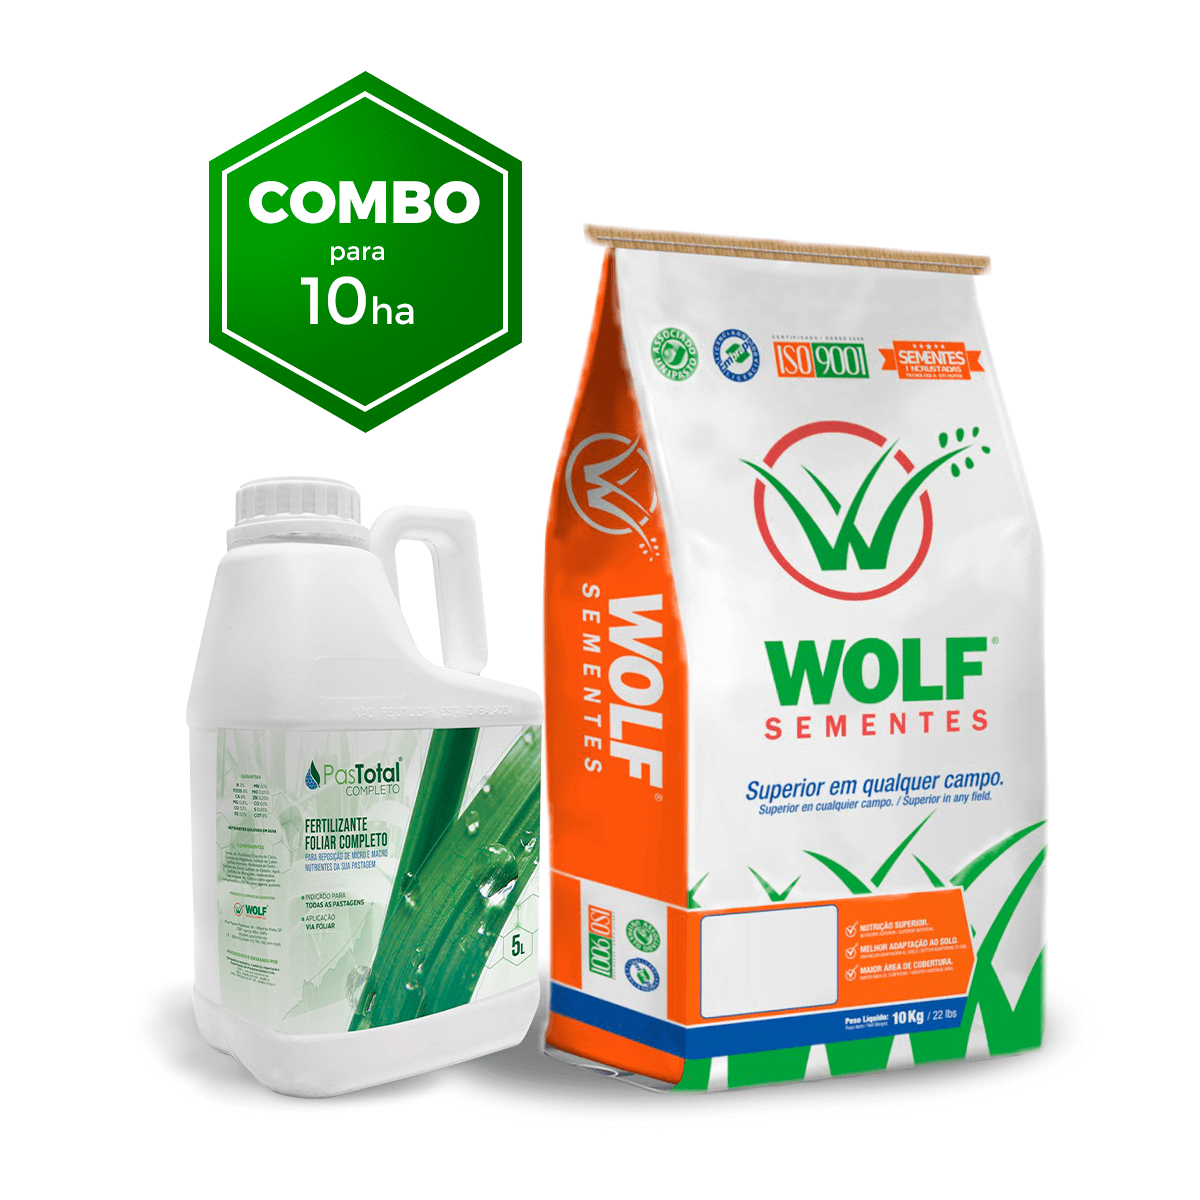 Combo 100kg Mombaça Incrustada + 15L Fertilizante Foliar Pastotal Completo